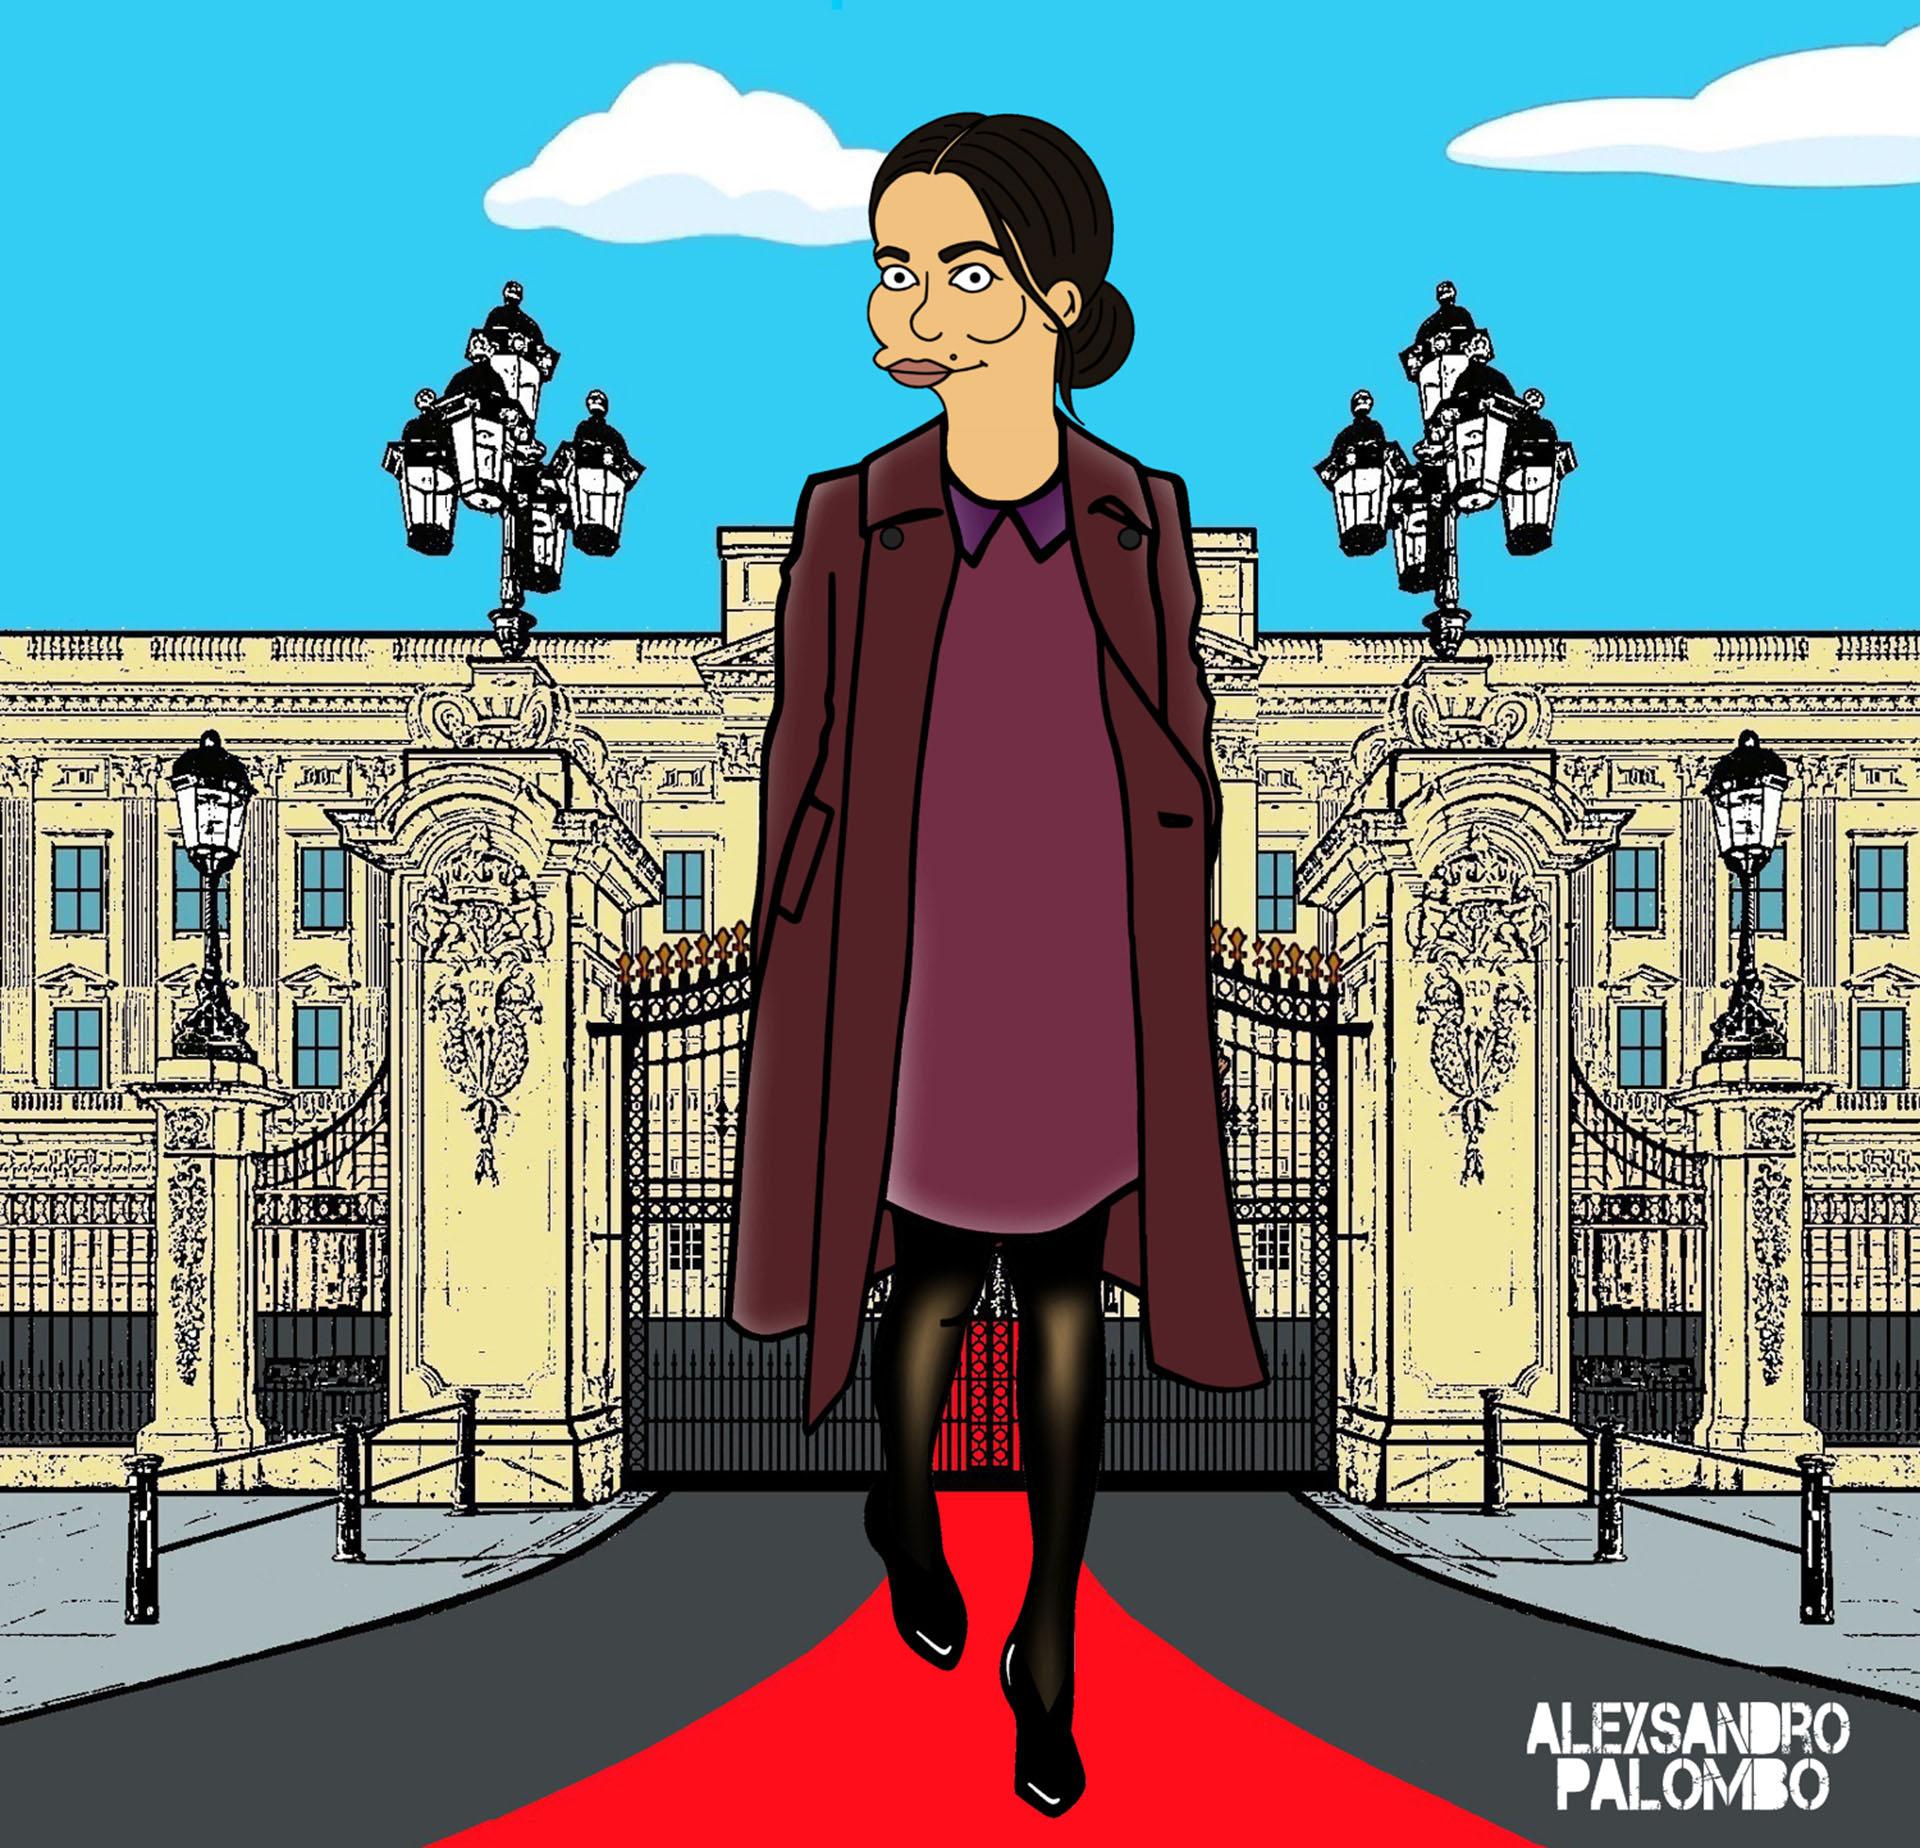 El artista la retrató con los looks con los que se la suele ver en sus apariciones públicas: vestidos cortos con medias de nylon y tapados